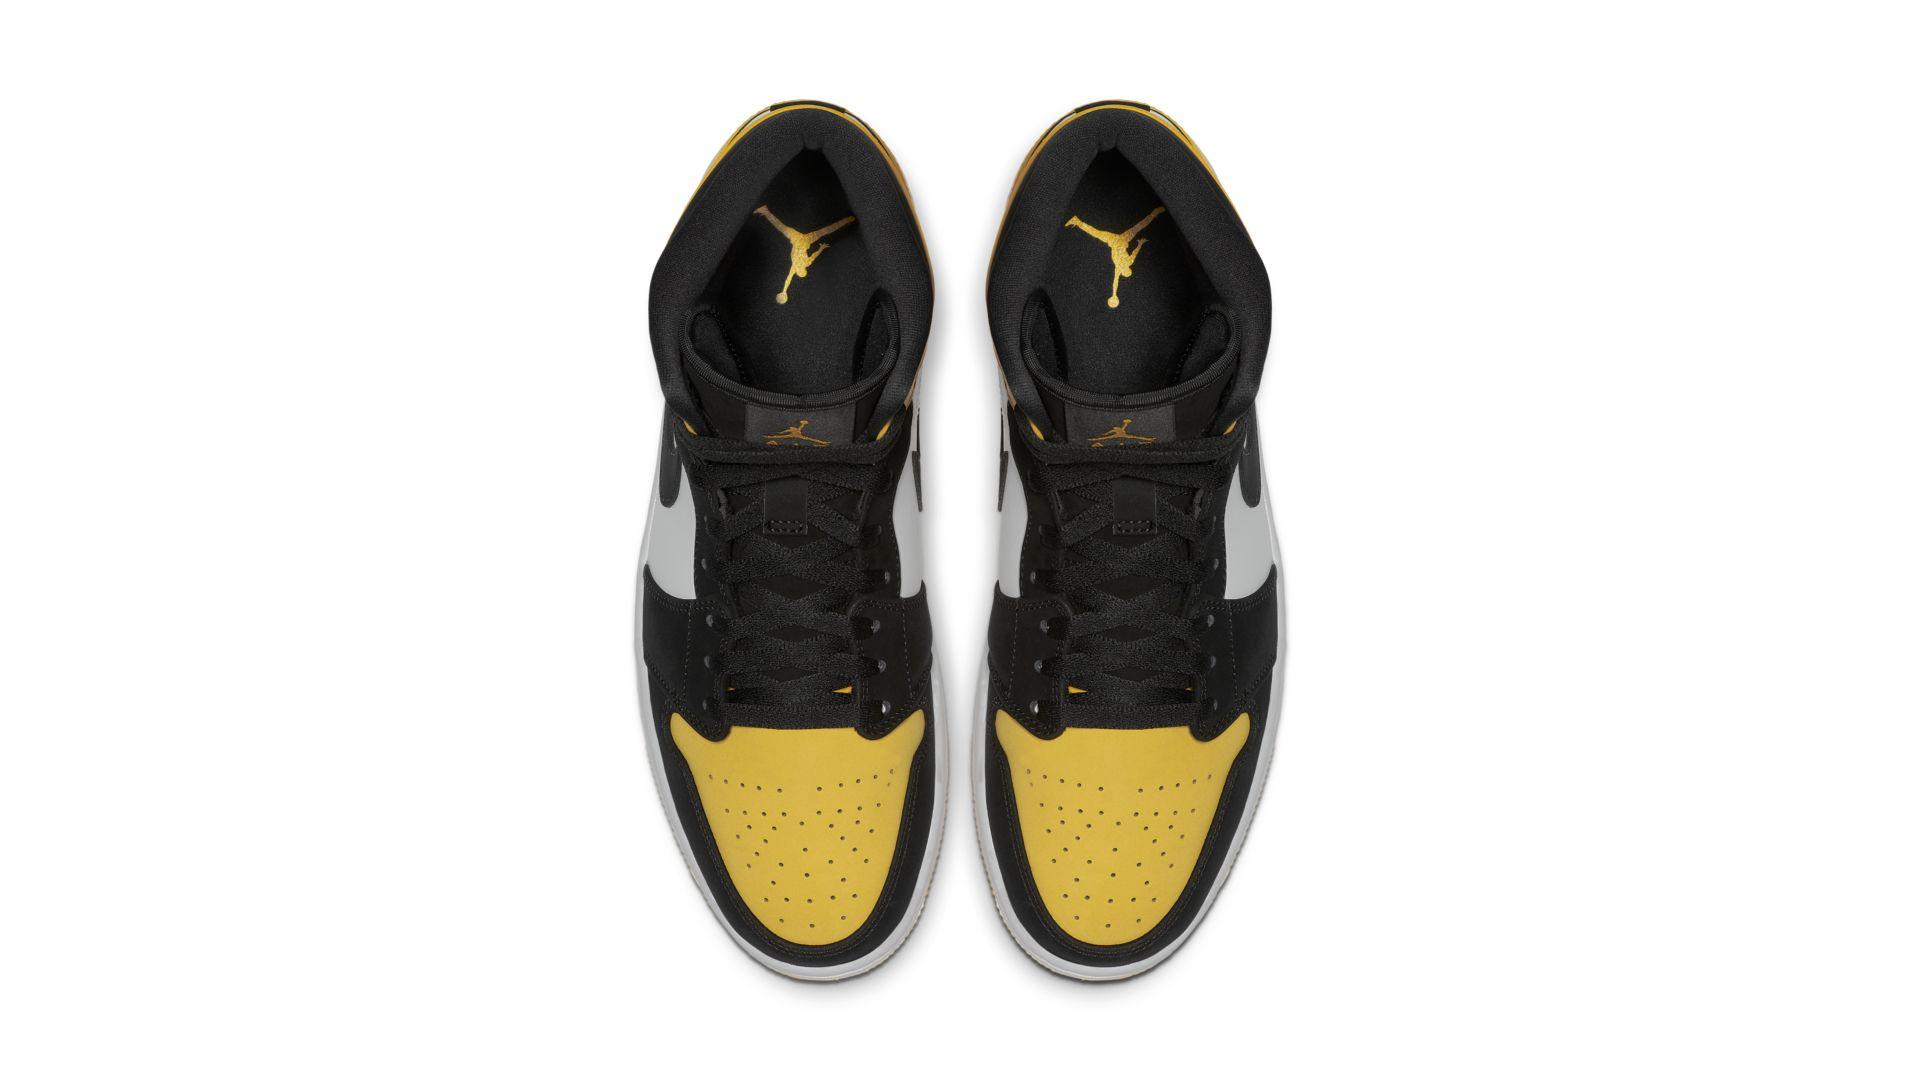 Jordan Air 1 Mid Yellow Toe Black (852542-071)